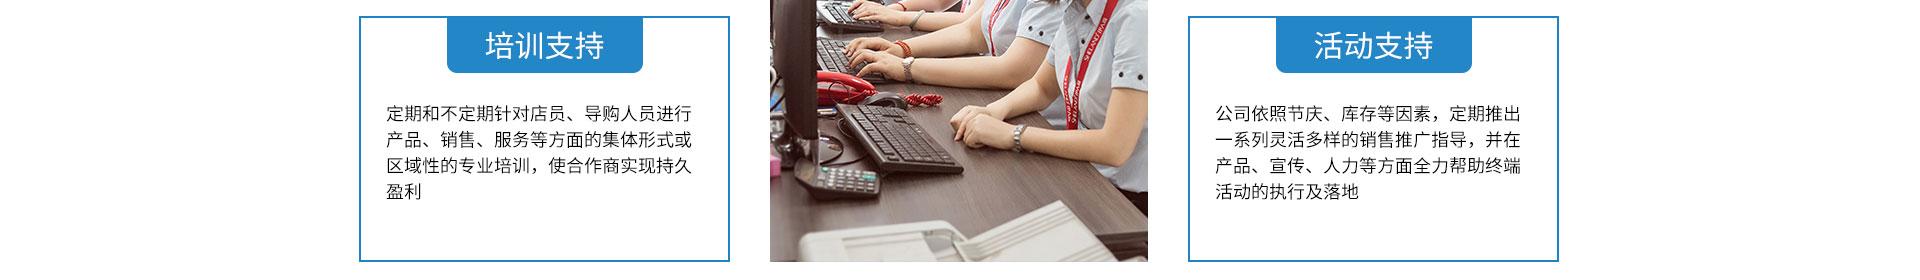 伊人岛家纺加盟要求 拥有完善的终端销售系统